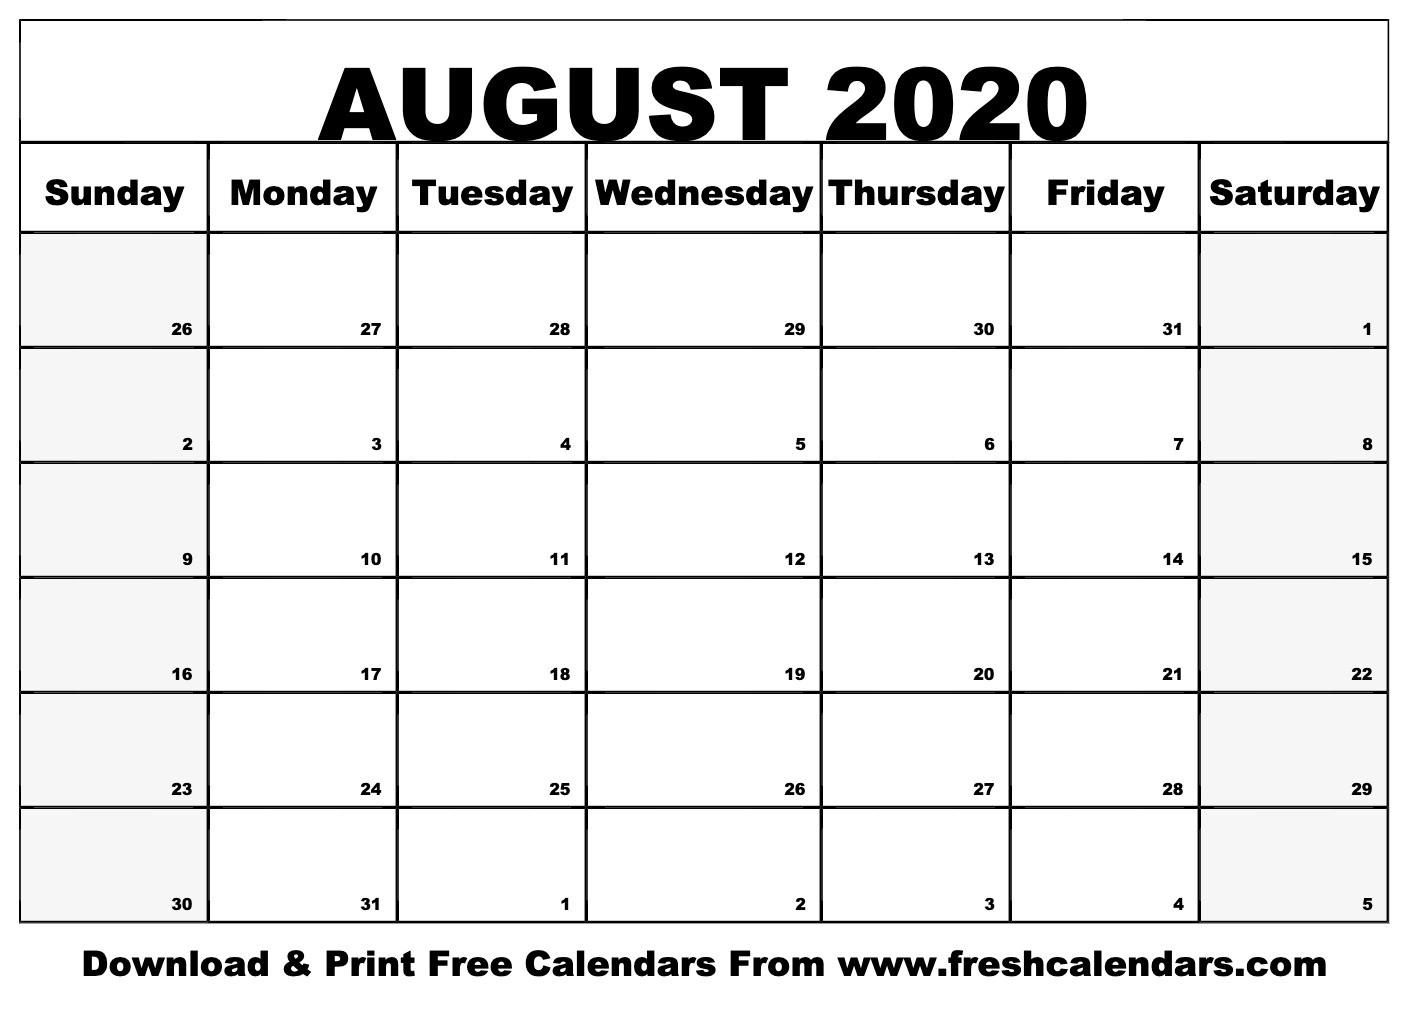 August 2020 Calendar Printable-Luxe Calendar Aug 2020 Blank Printable